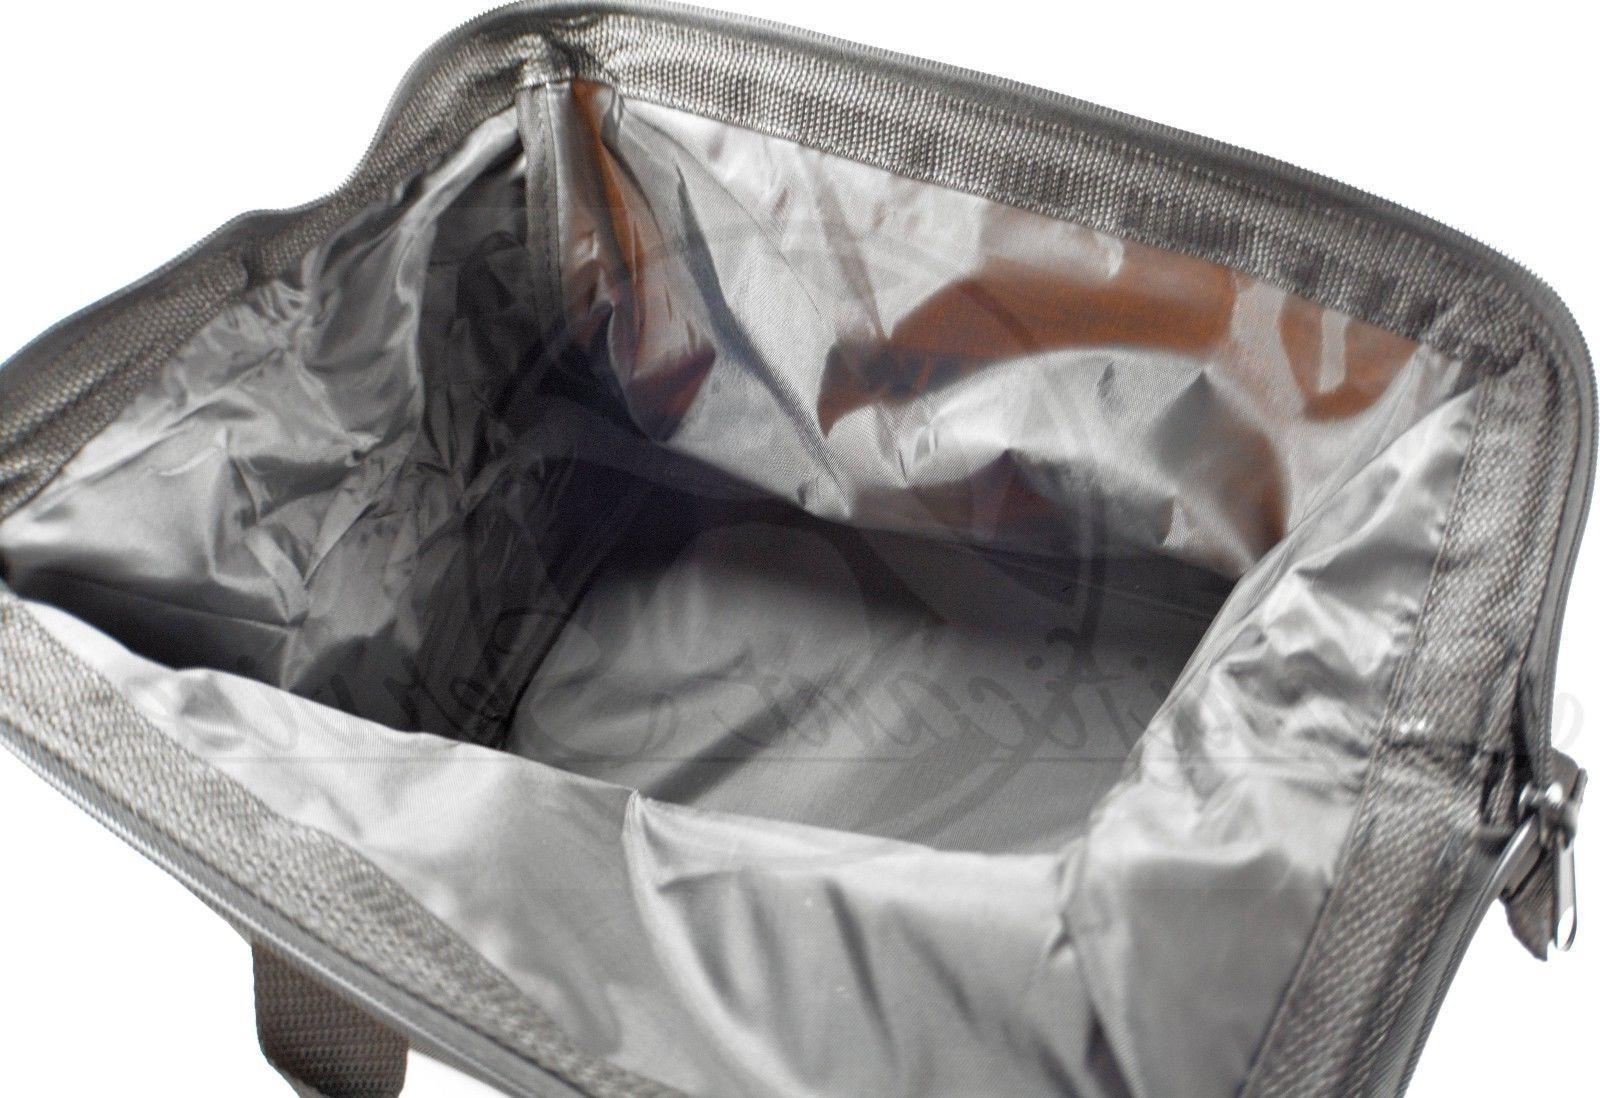 DeWALT 12V 20V Tool Bag Case Impact Hammer Drill Charger